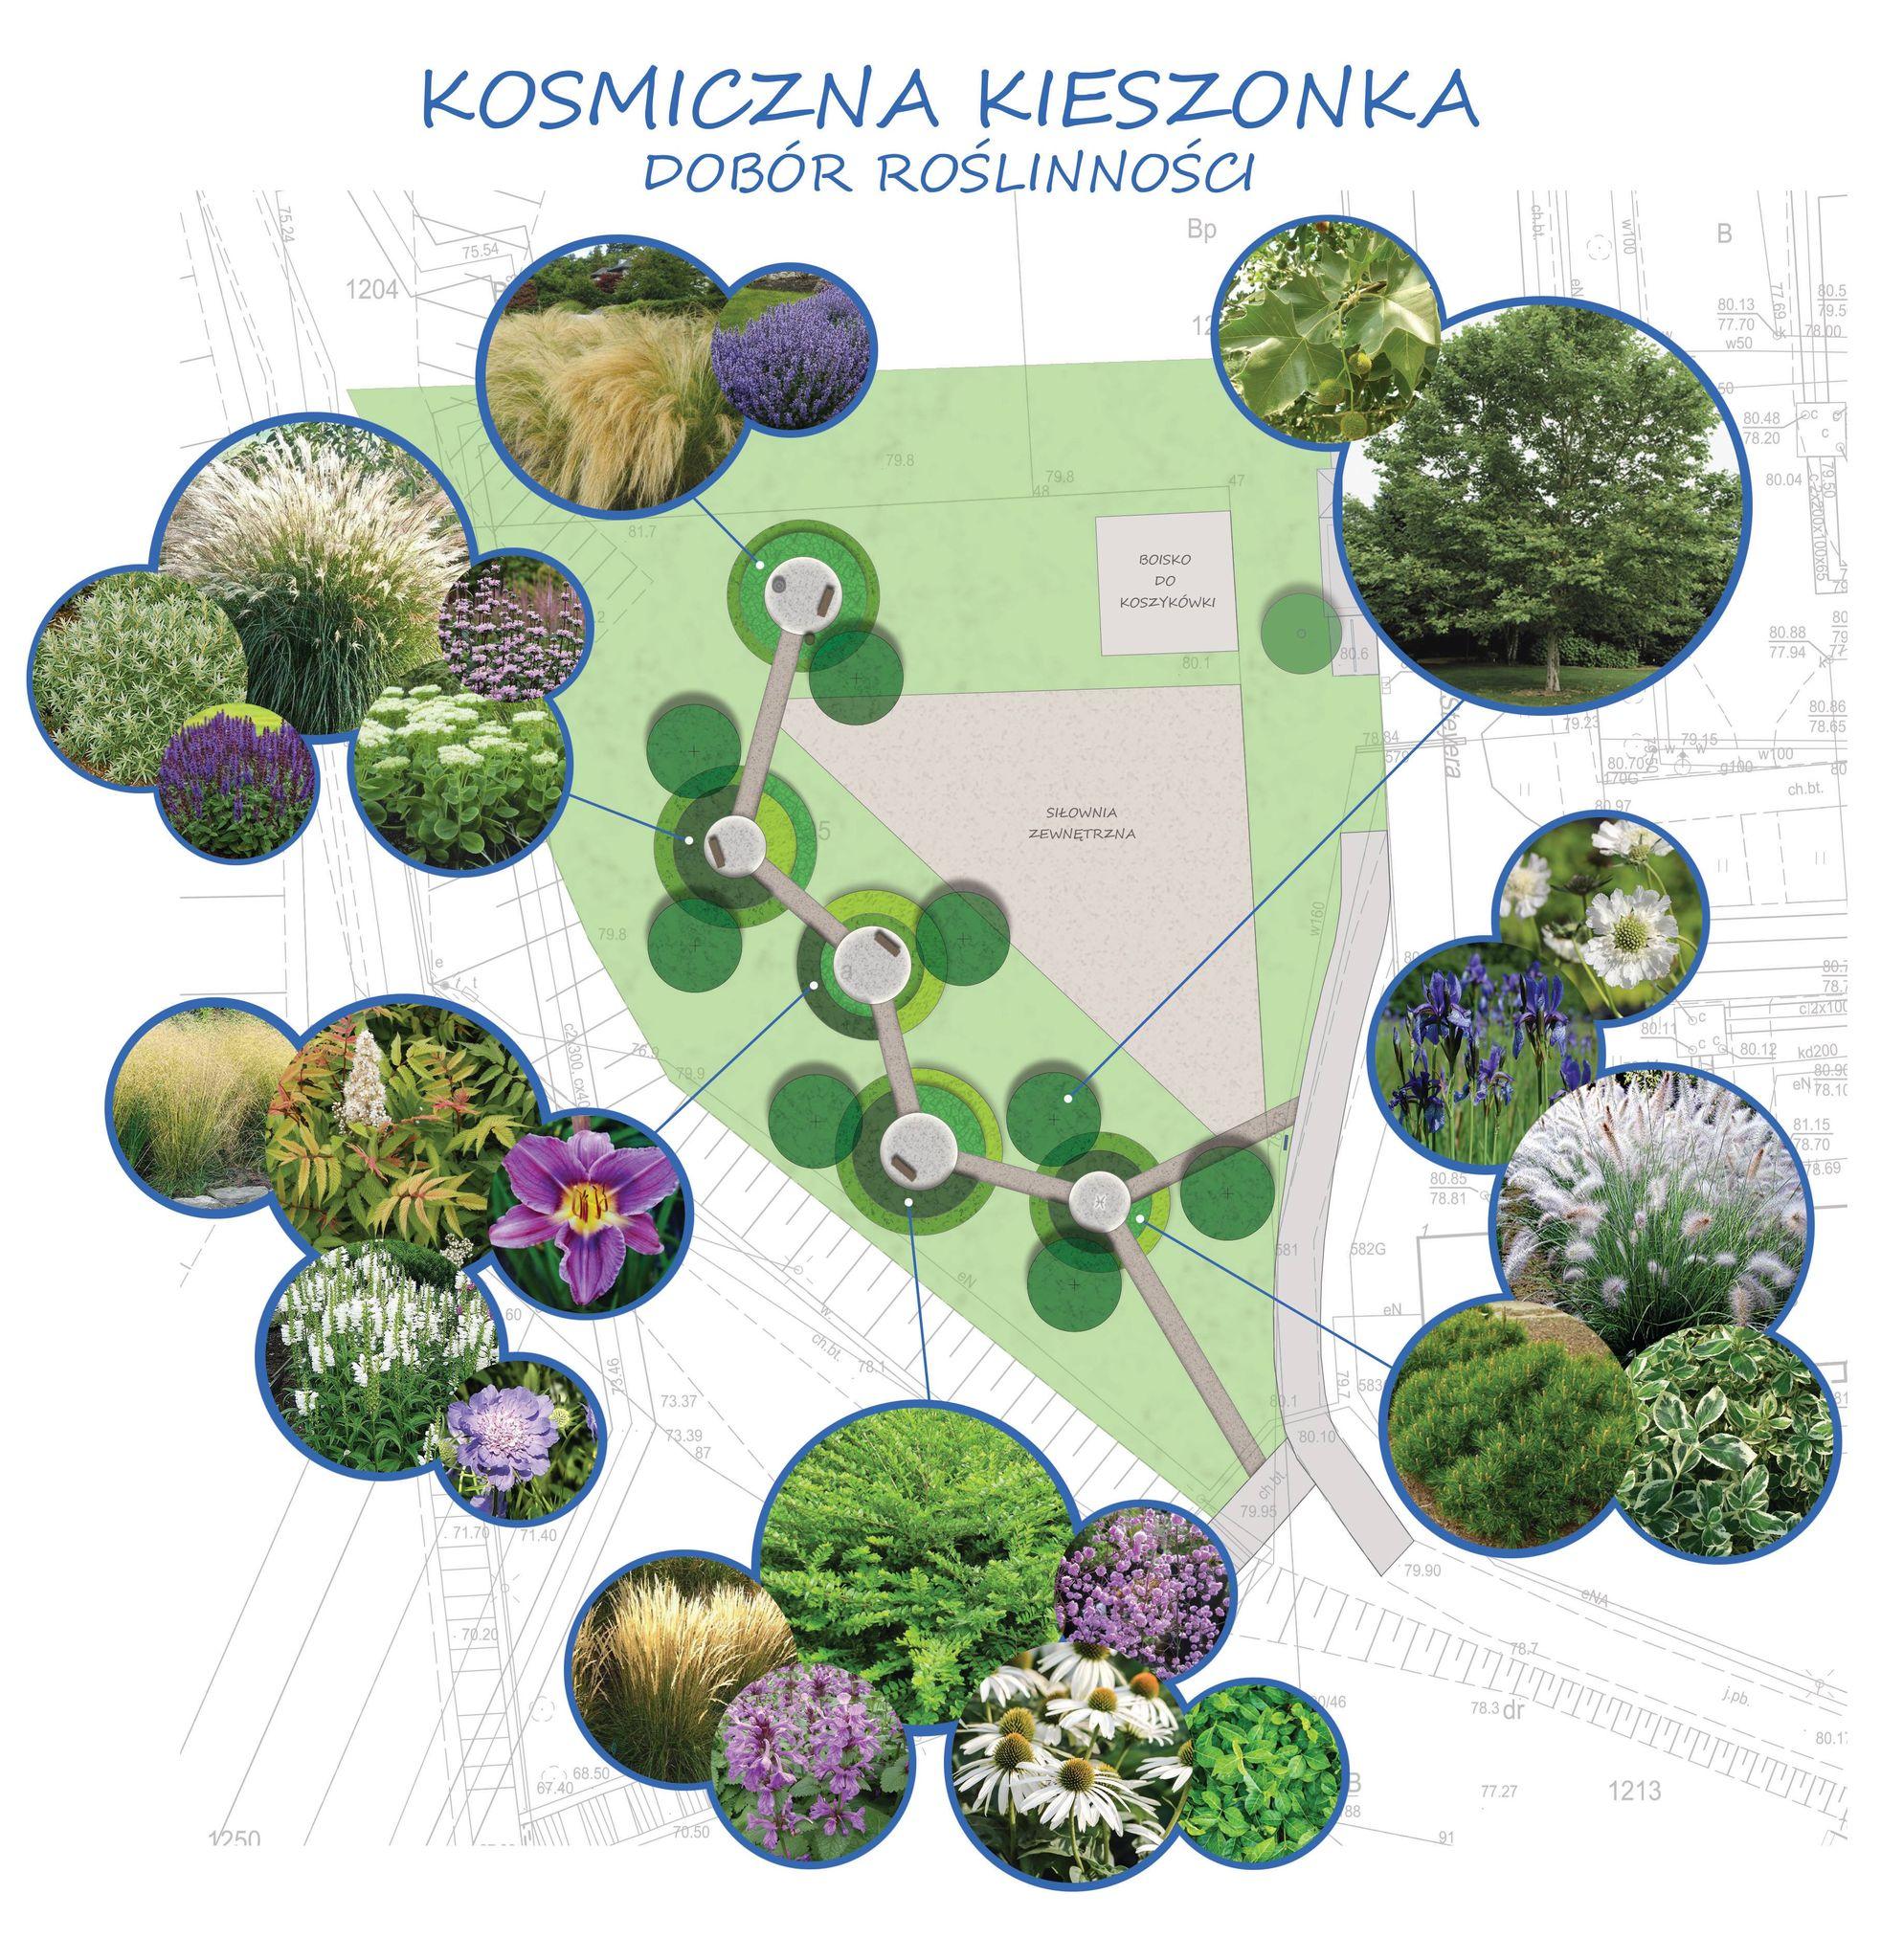 projekt kosmicznej kieszonki, mat. Wydział Ogrodnika Miasta